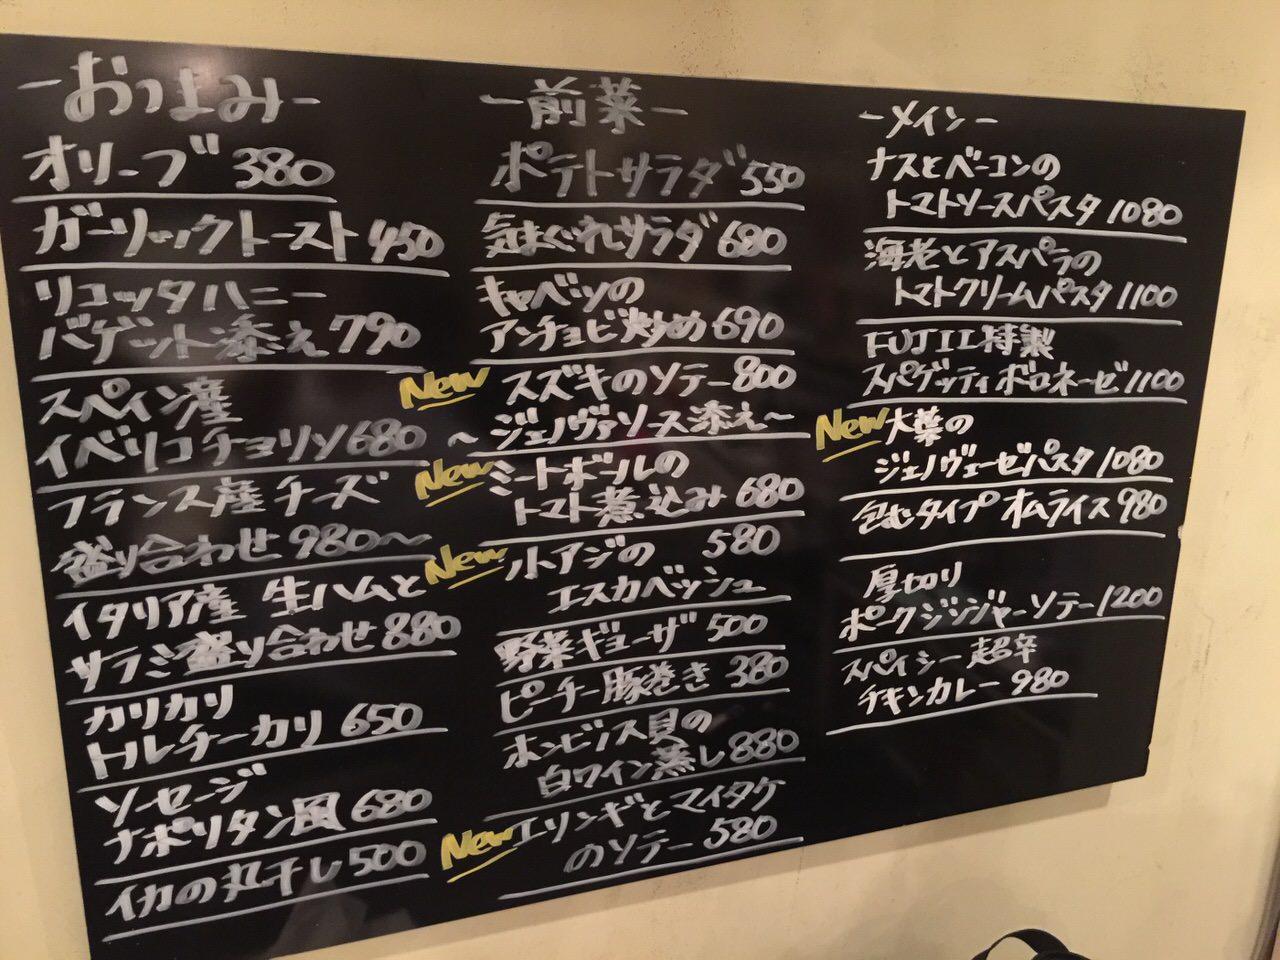 Fujii gotanda 8420